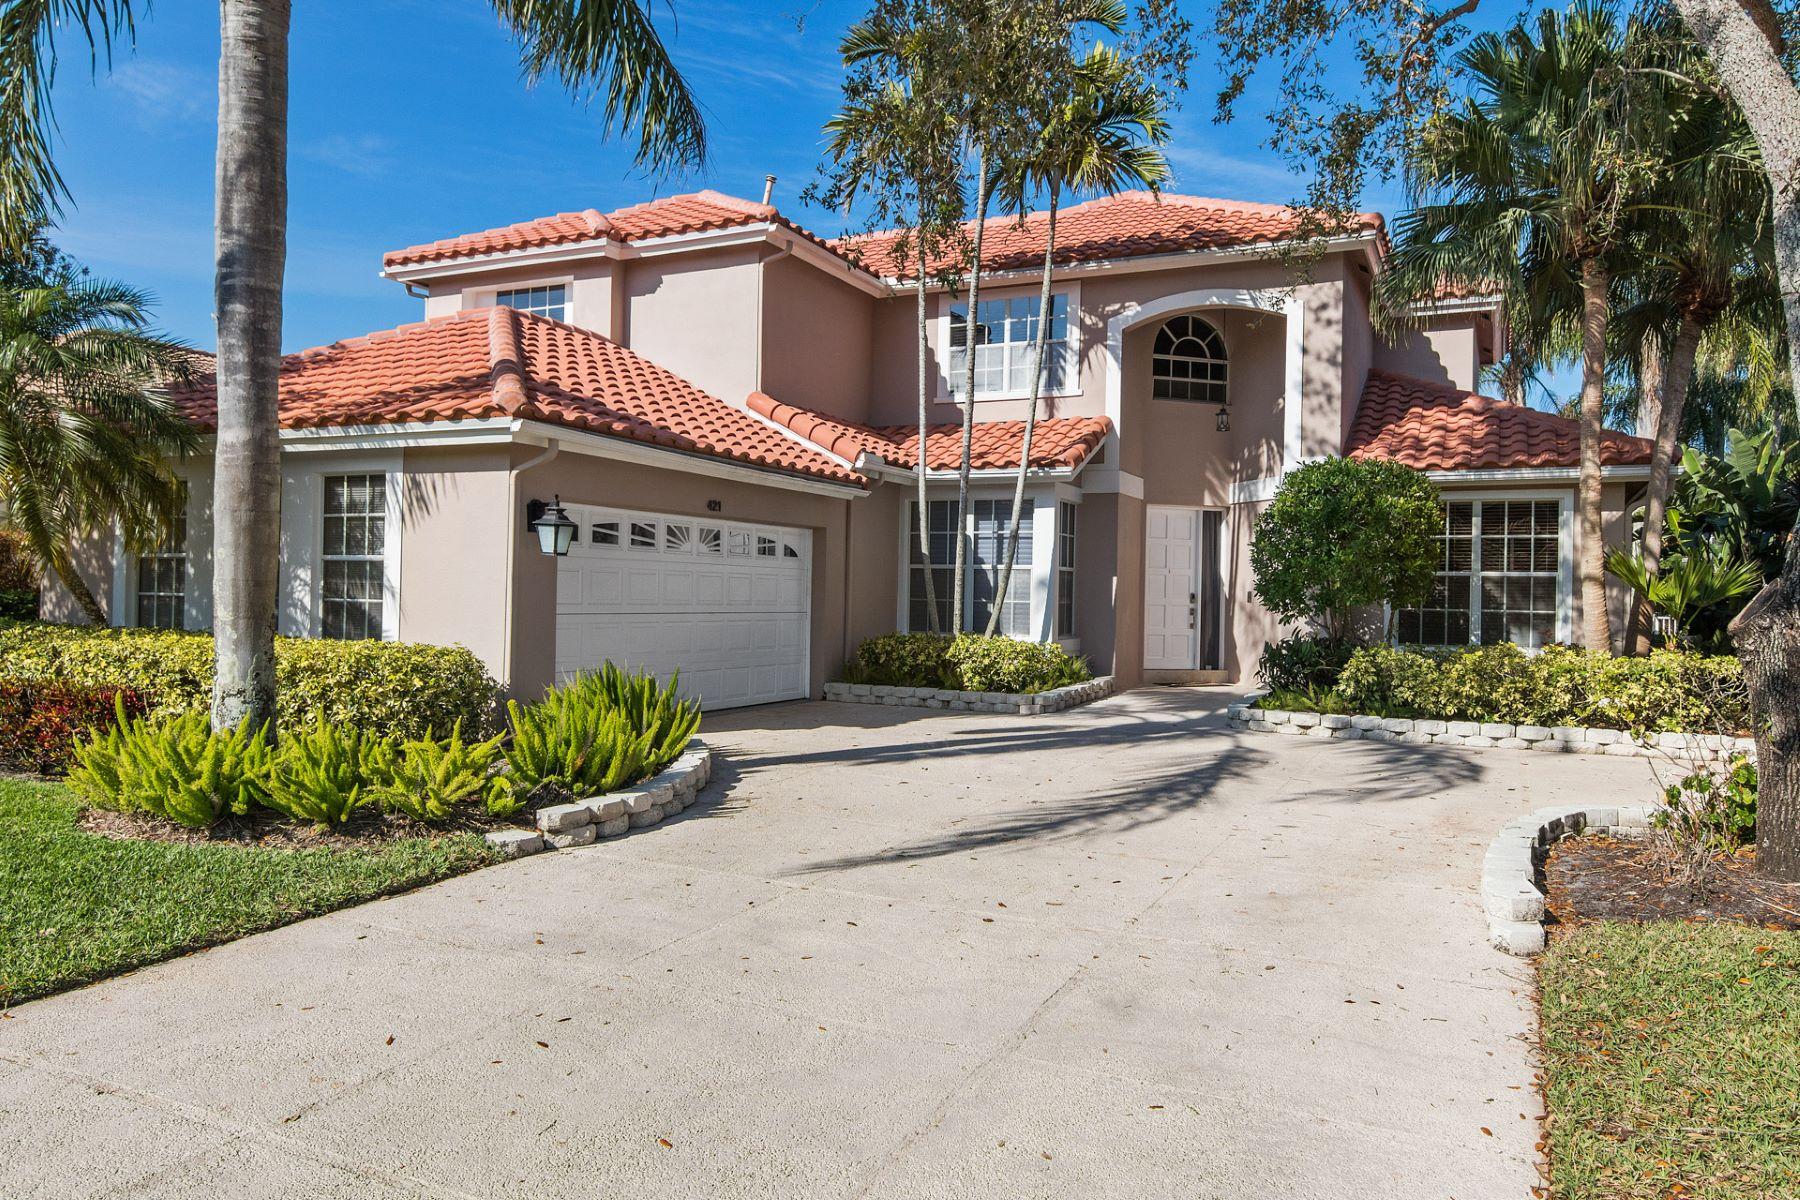 Casa para uma família para Venda às 421 Eagleton Cove Way Palm Beach Gardens, Florida, 33418 Estados Unidos